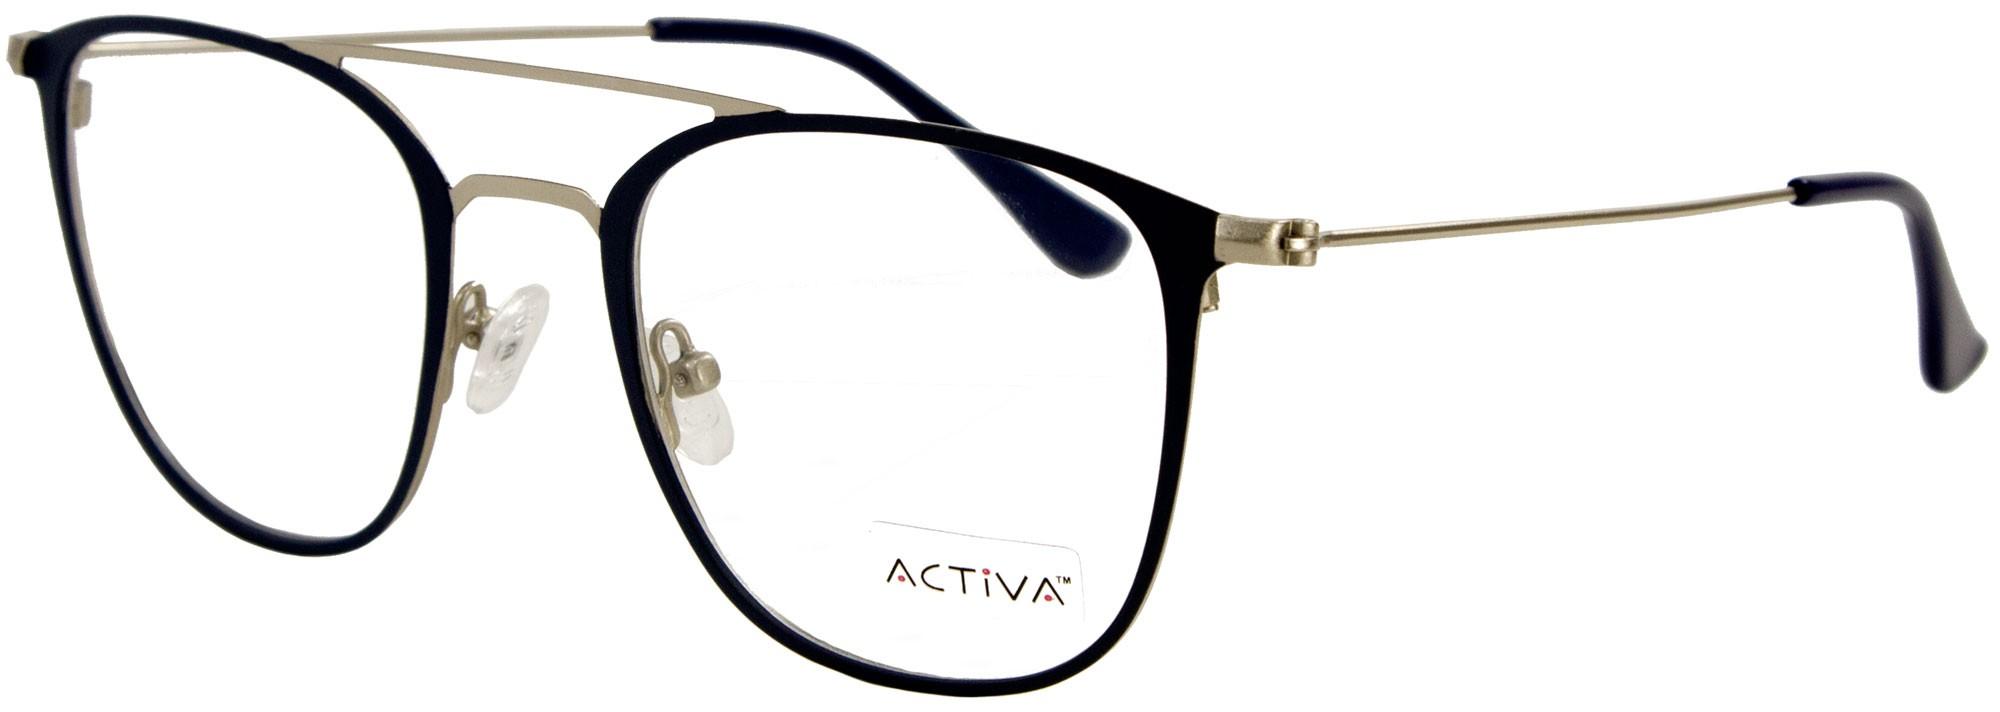 Activa 9742 C3 2